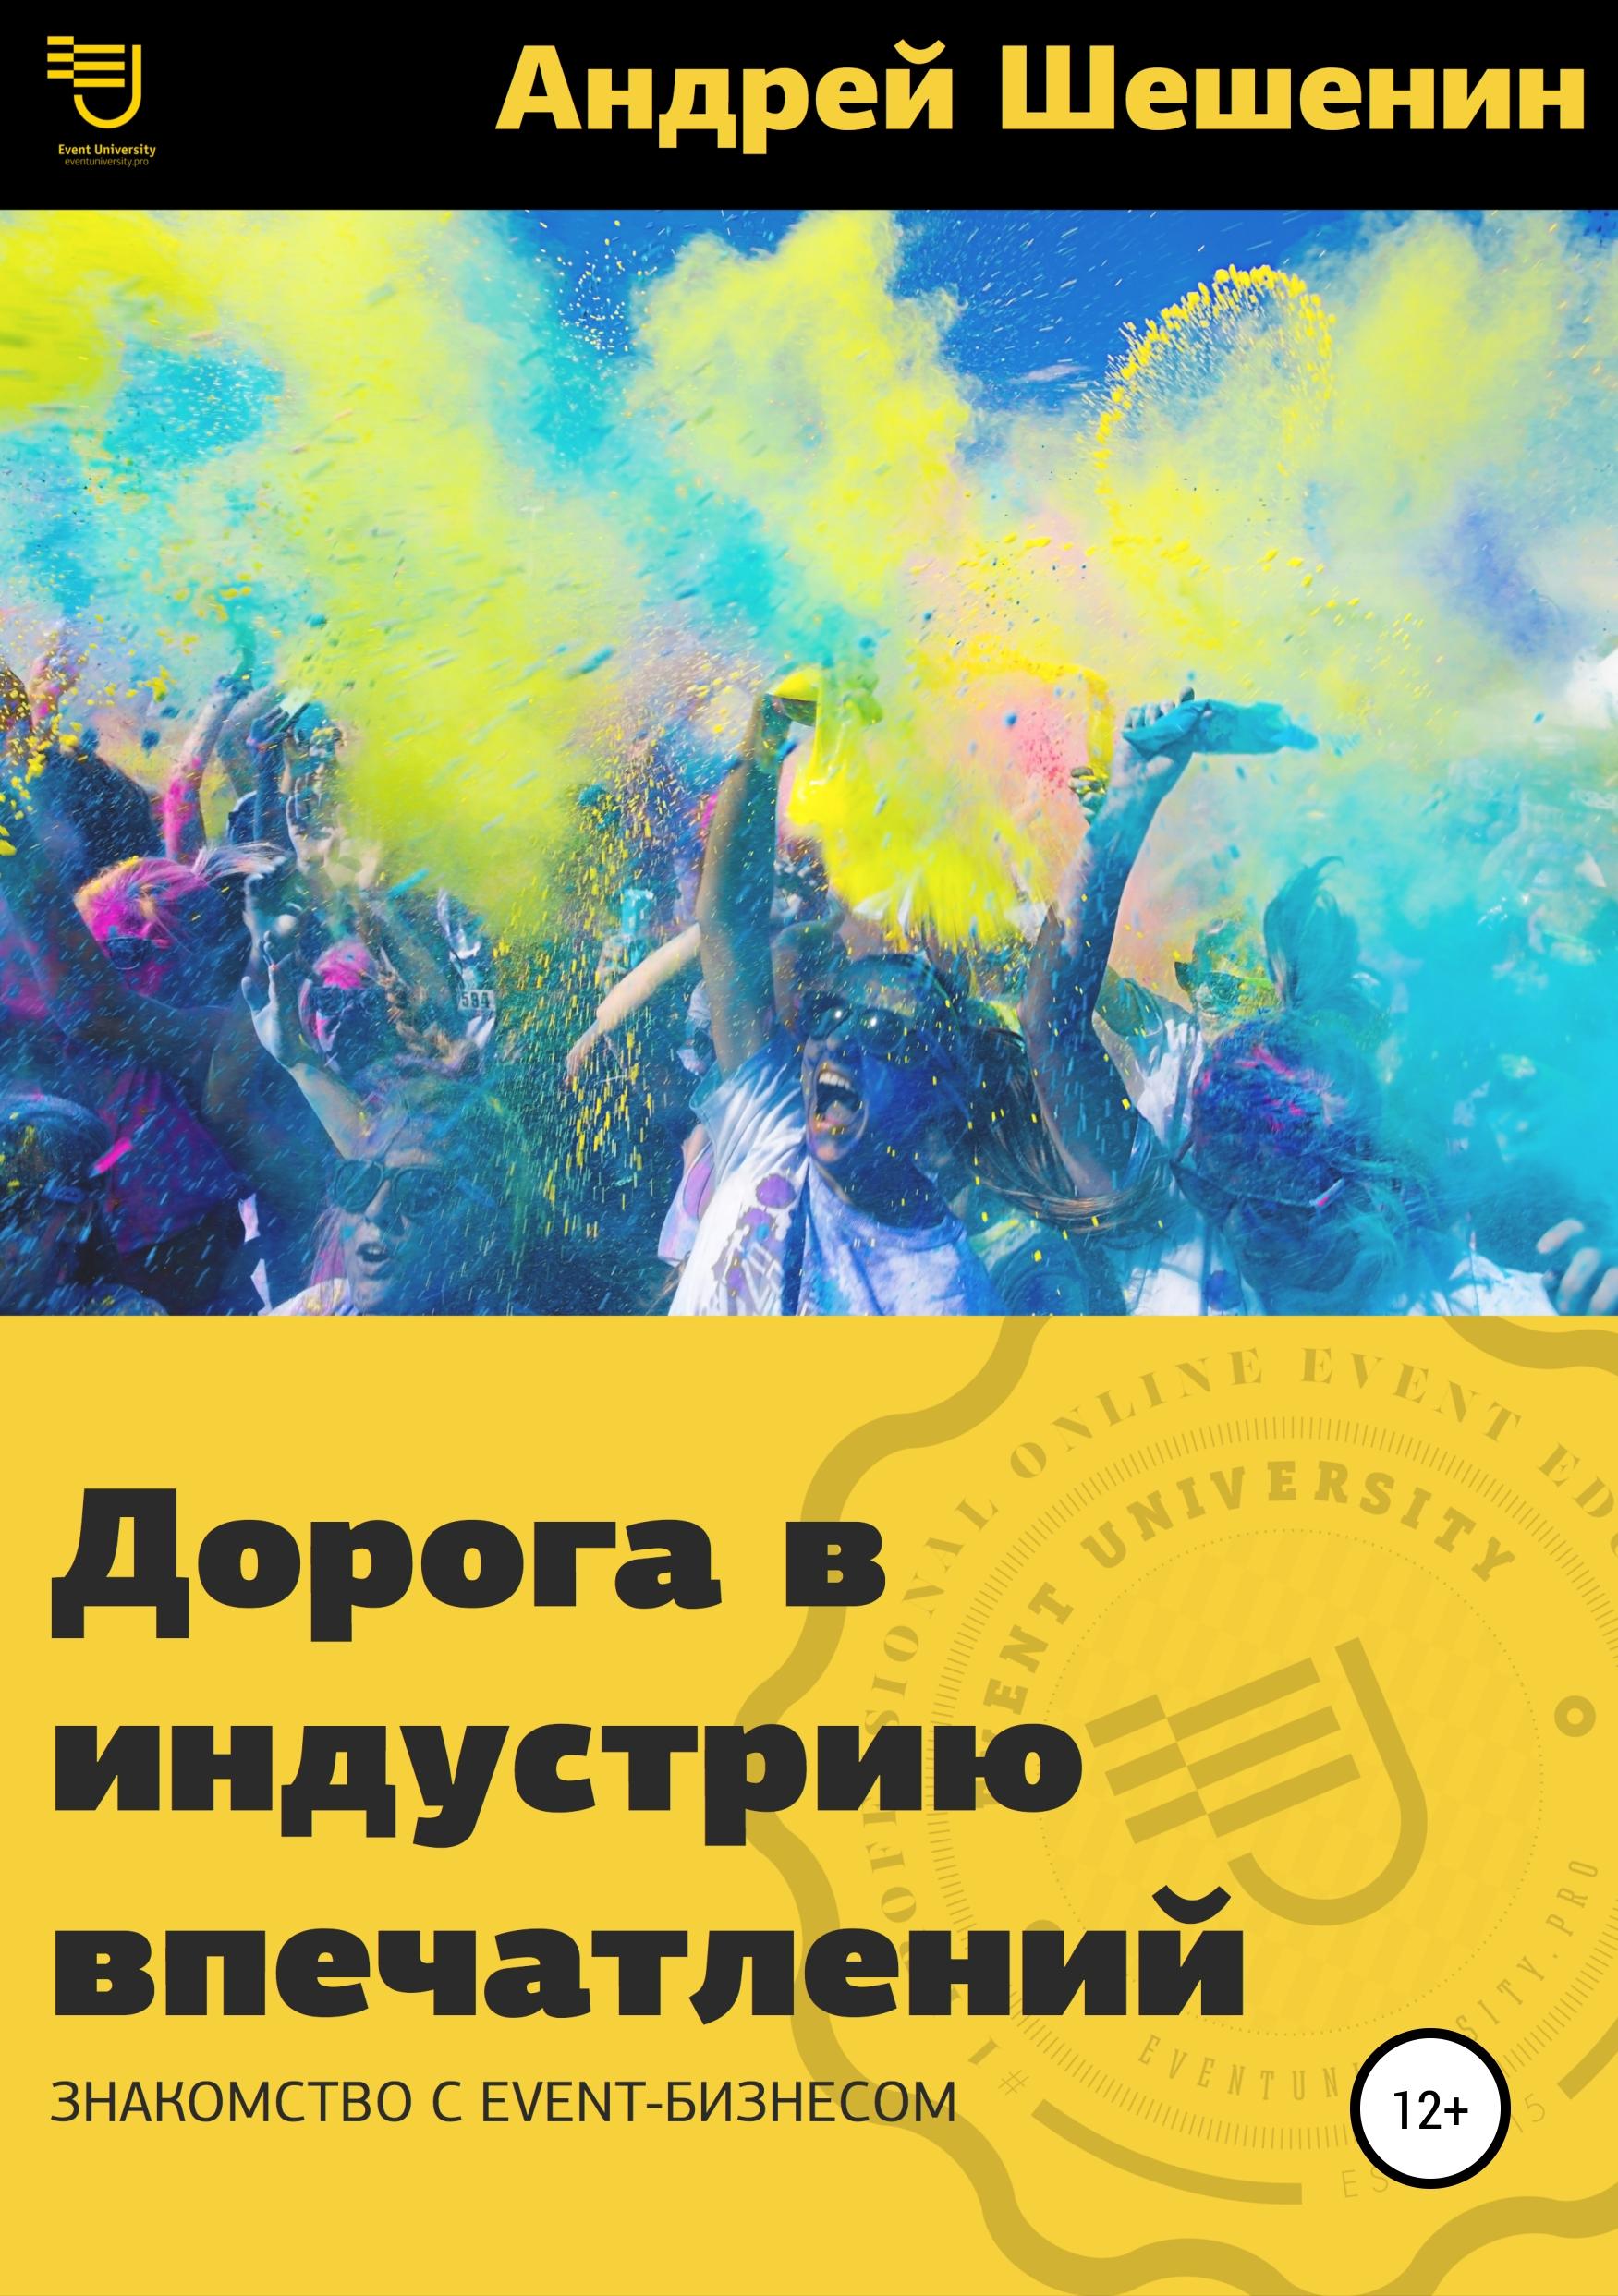 Обложка книги. Автор - Андрей Шешенин